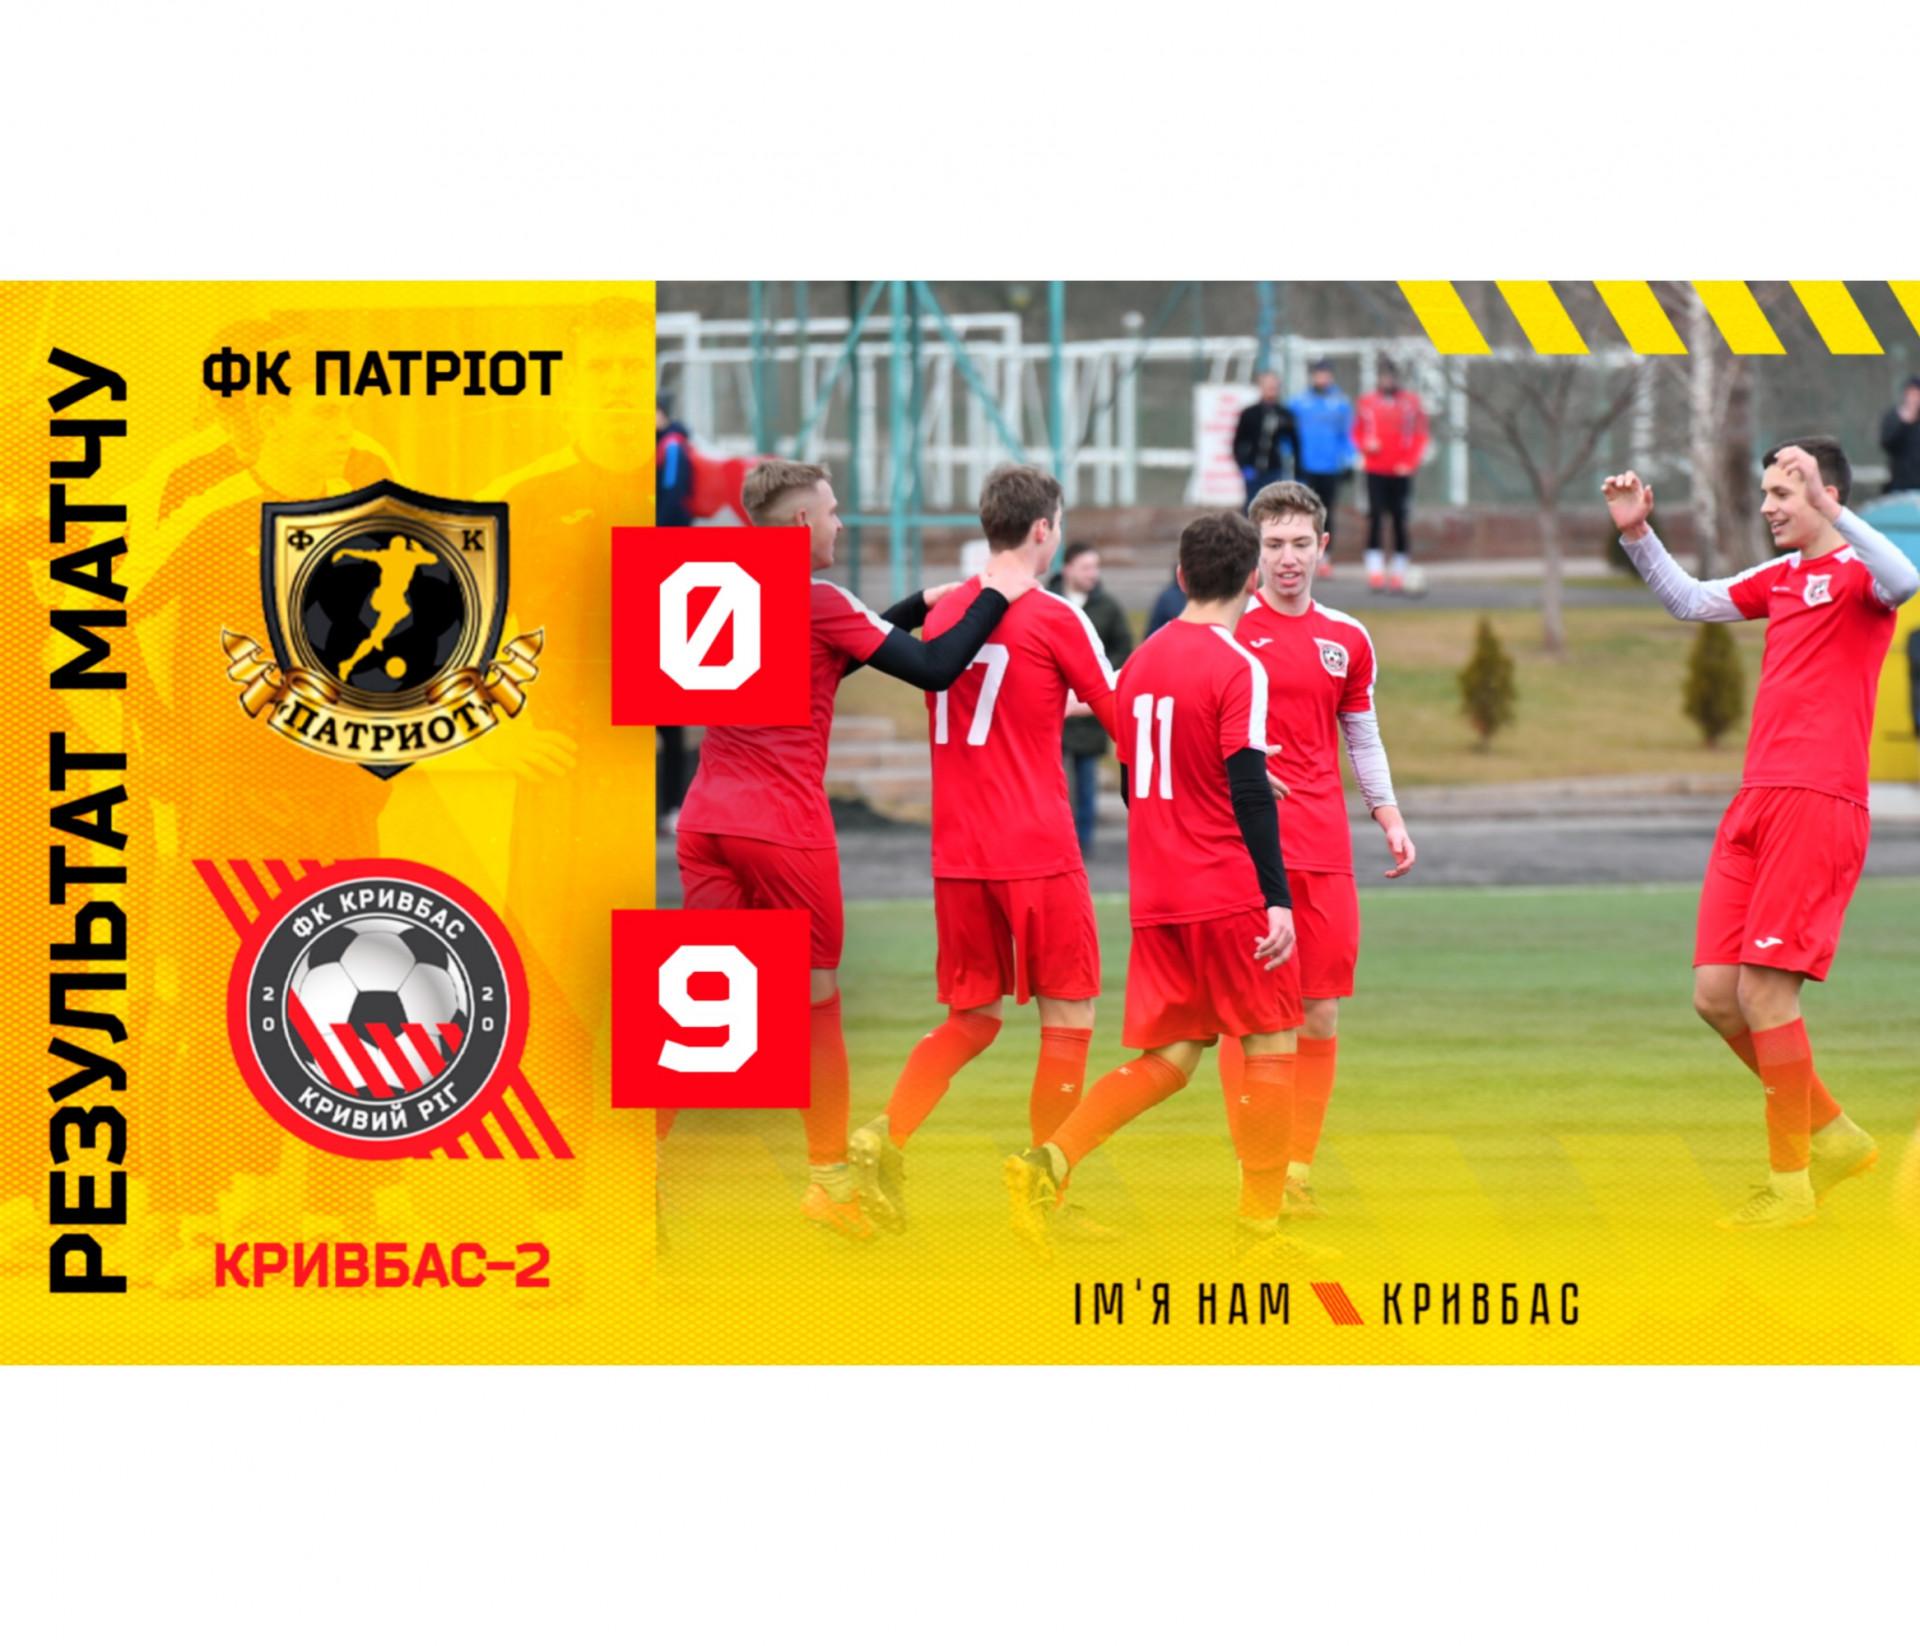 """""""Патріот"""" - """"Кривбас-2"""" 0:9}"""